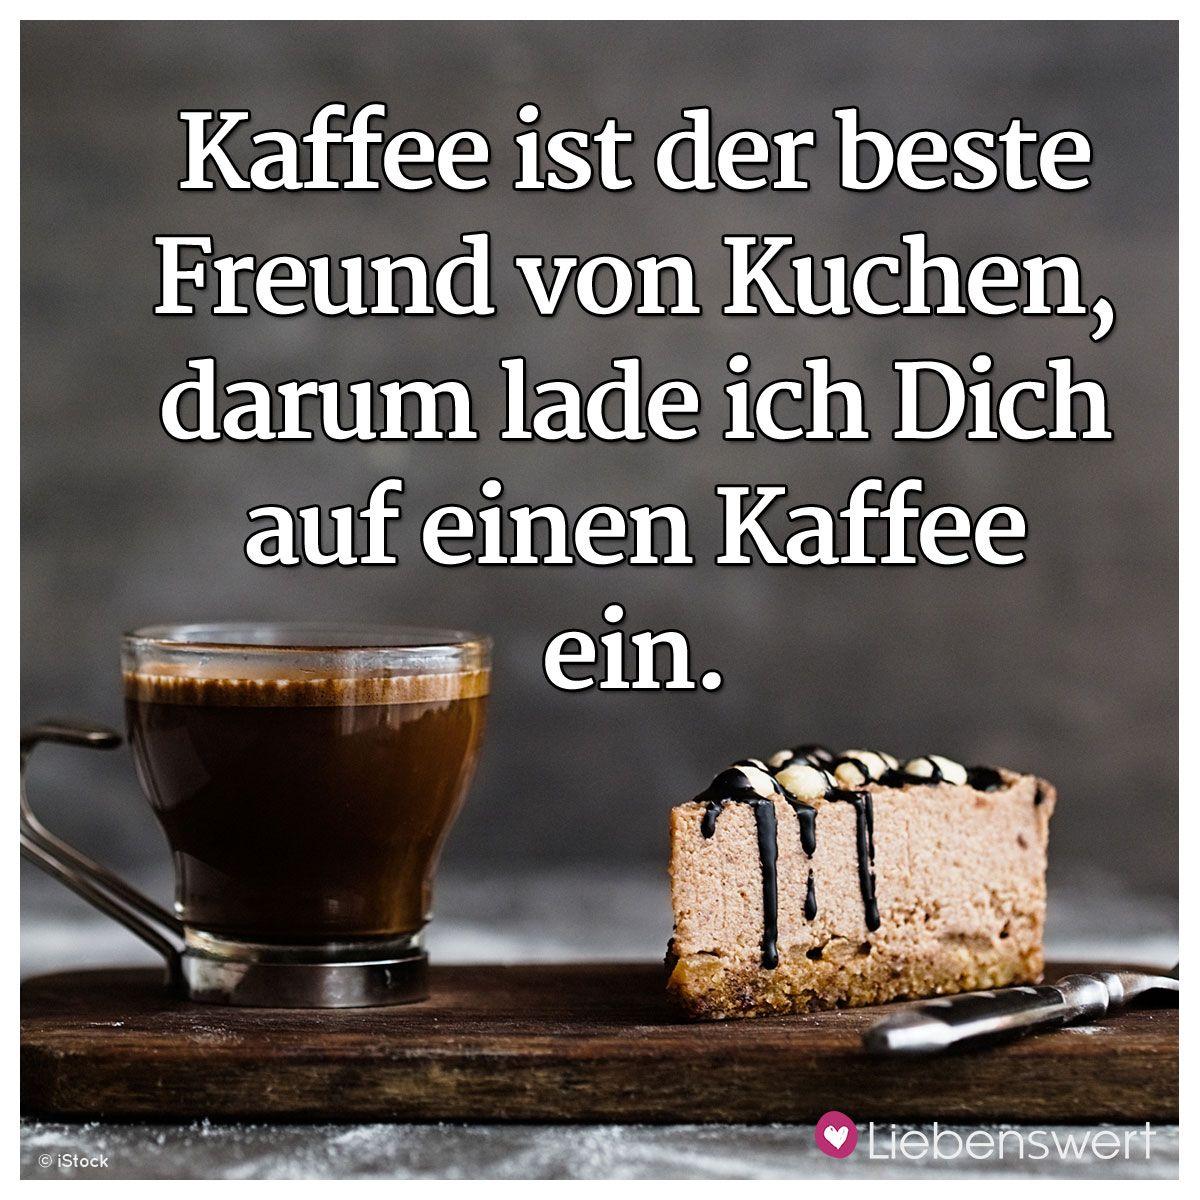 Heute Schon Gelacht Spruche Zum Thema Humor Kaffee Spruche Lachen Spruch Kaffe Und Kuchen